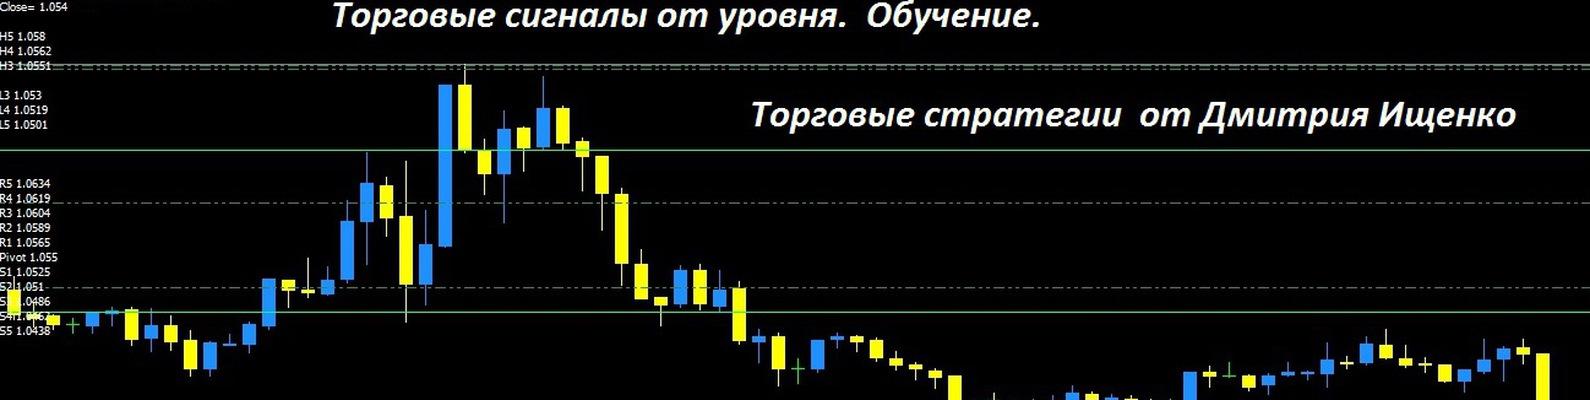 Бинарные опционы Binex обзор и отзывы, торговая